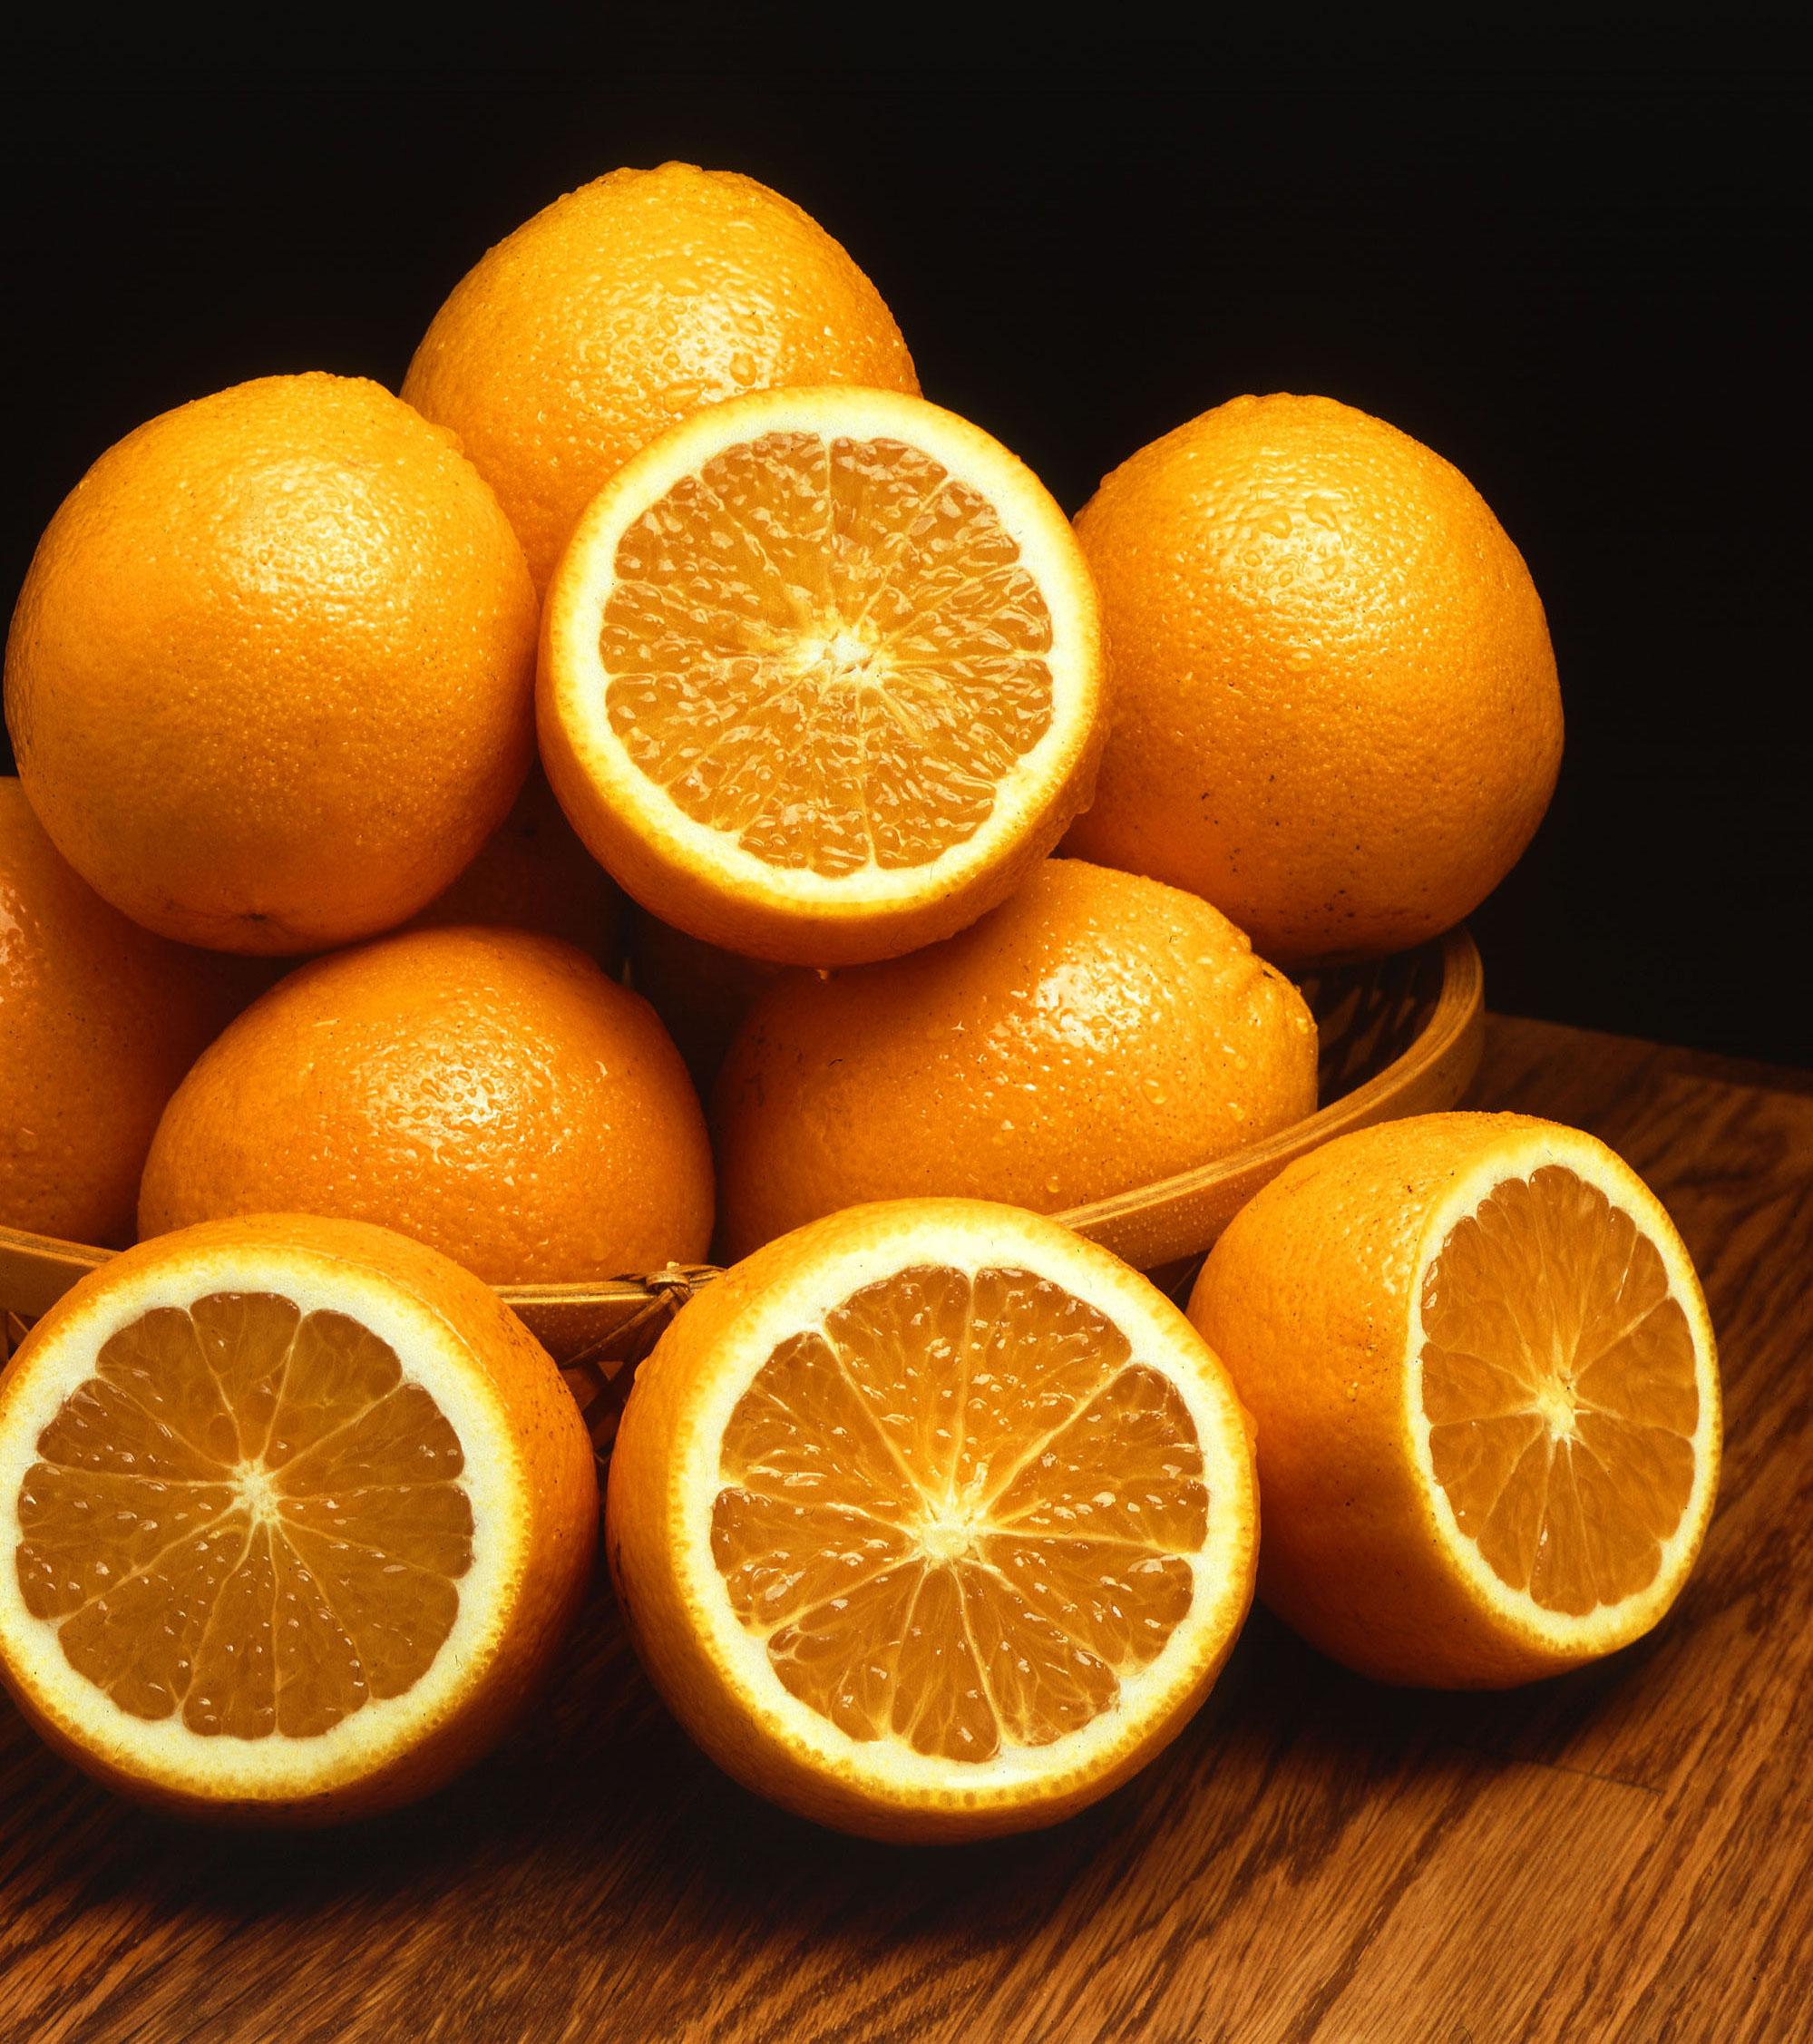 Recetas con naranjas para postres fáciles y deliciosos por Navidad, naranjas al licor